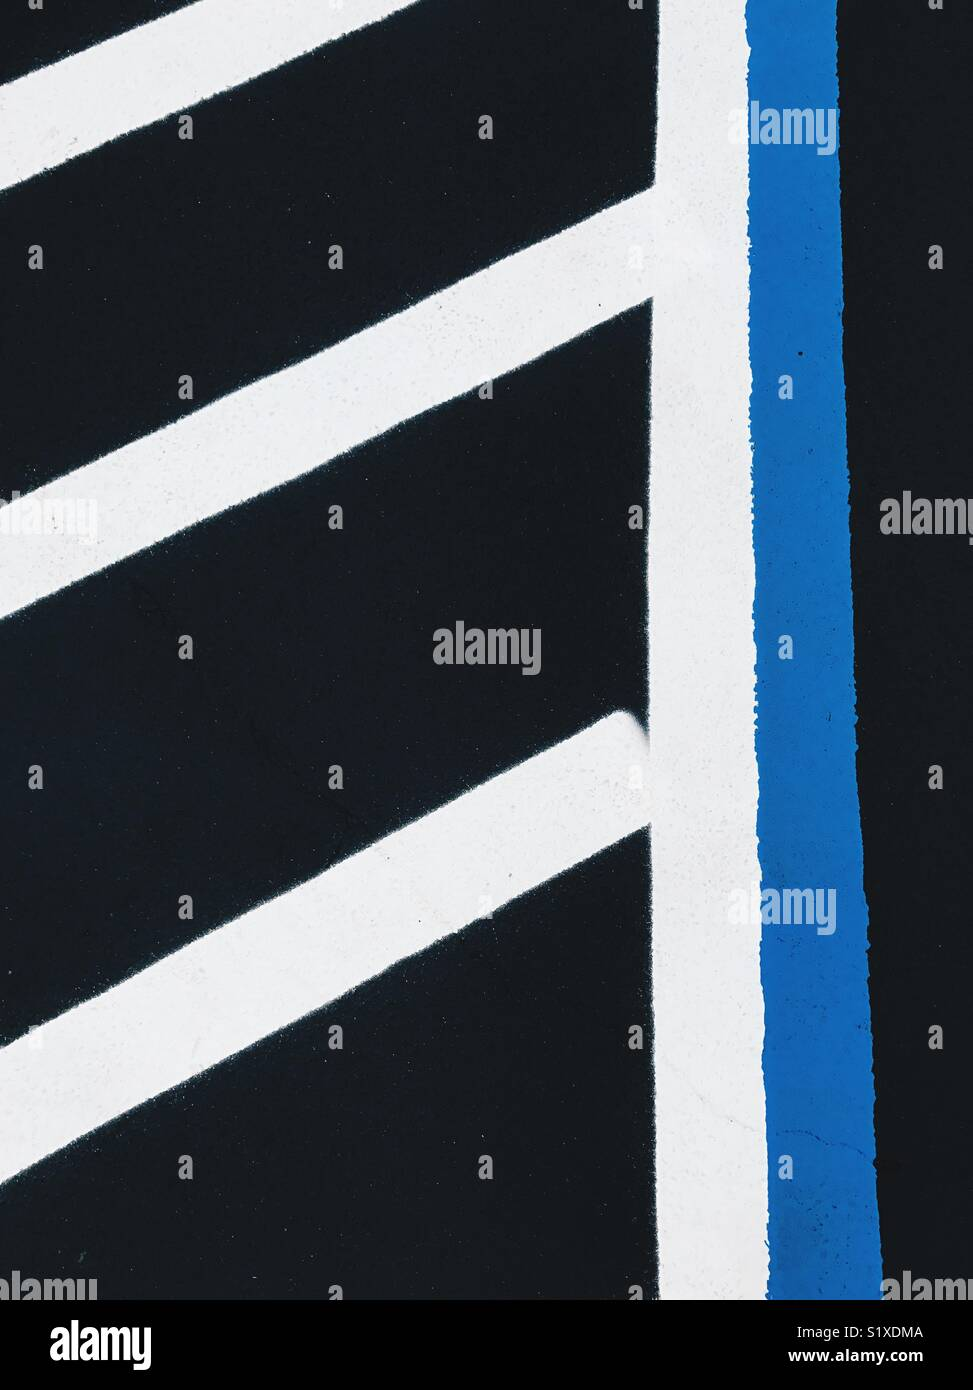 Bold peint en blanc et bleu sur les lignes d'asphalte noir dans un parking. Photo Stock